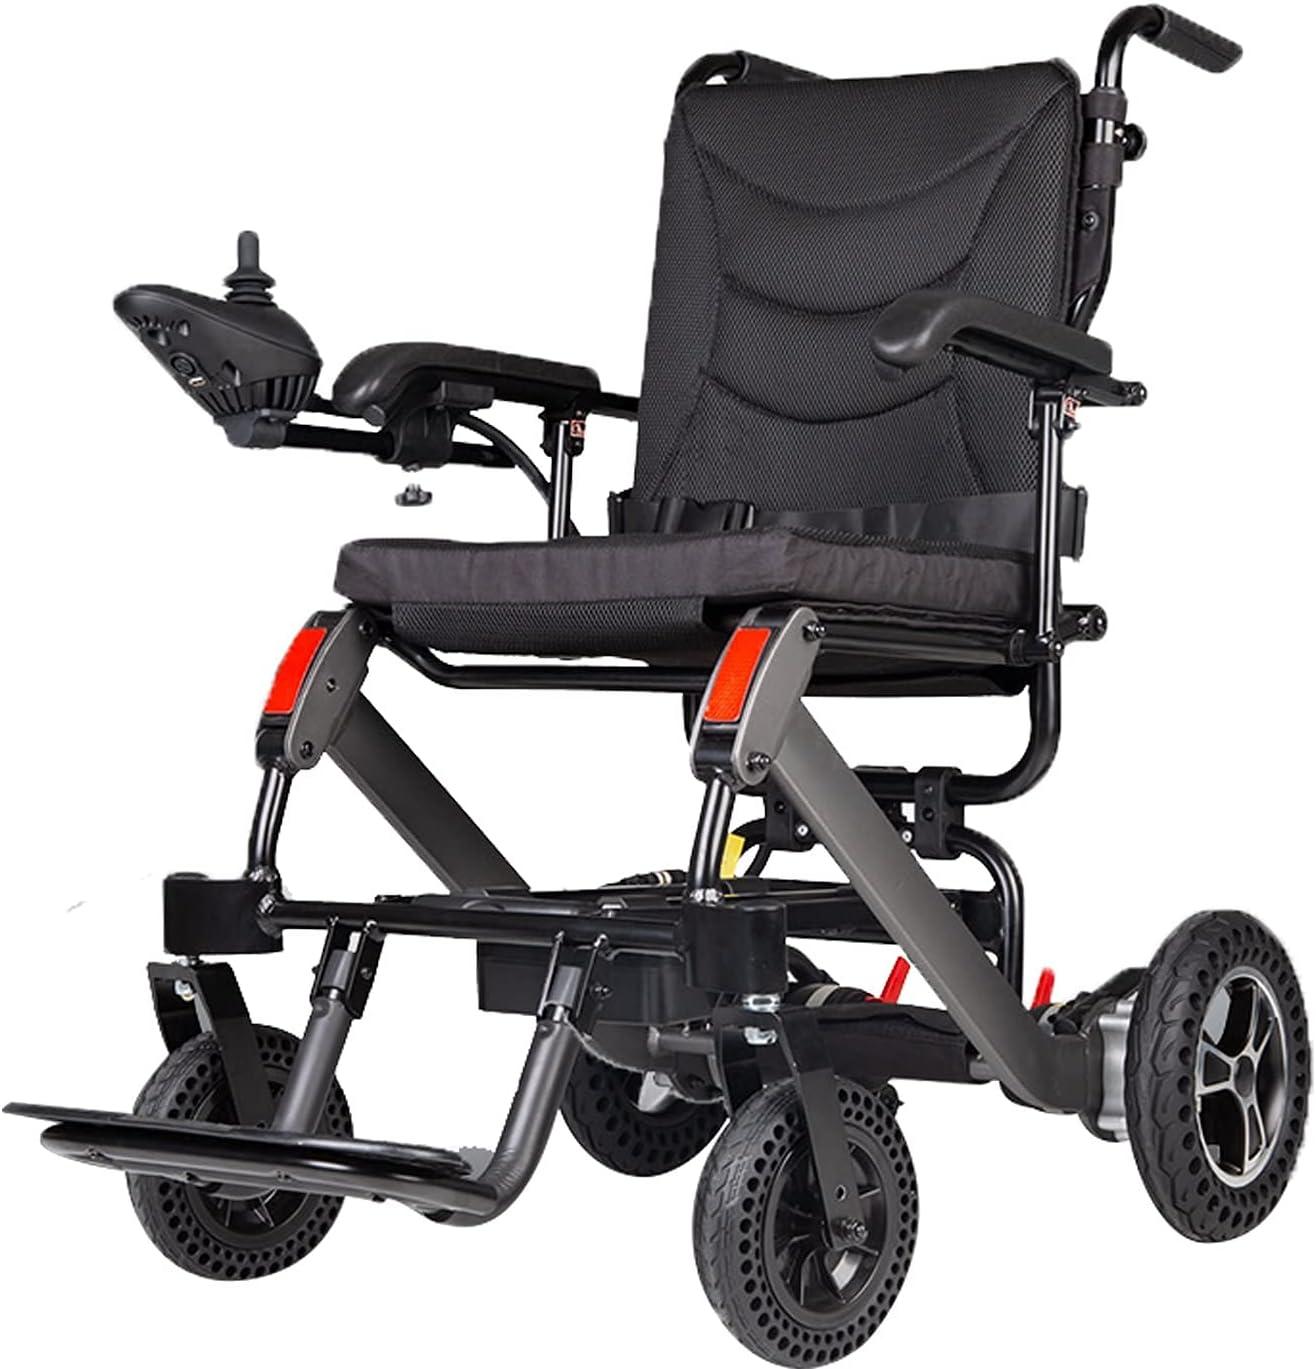 Scooter portátil para Silla de Ruedas eléctrica para Personas Mayores, Puede subirse al avión Marco de aleación de Aluminio sólido Peso Neto 25KG 180 * 2W Bater